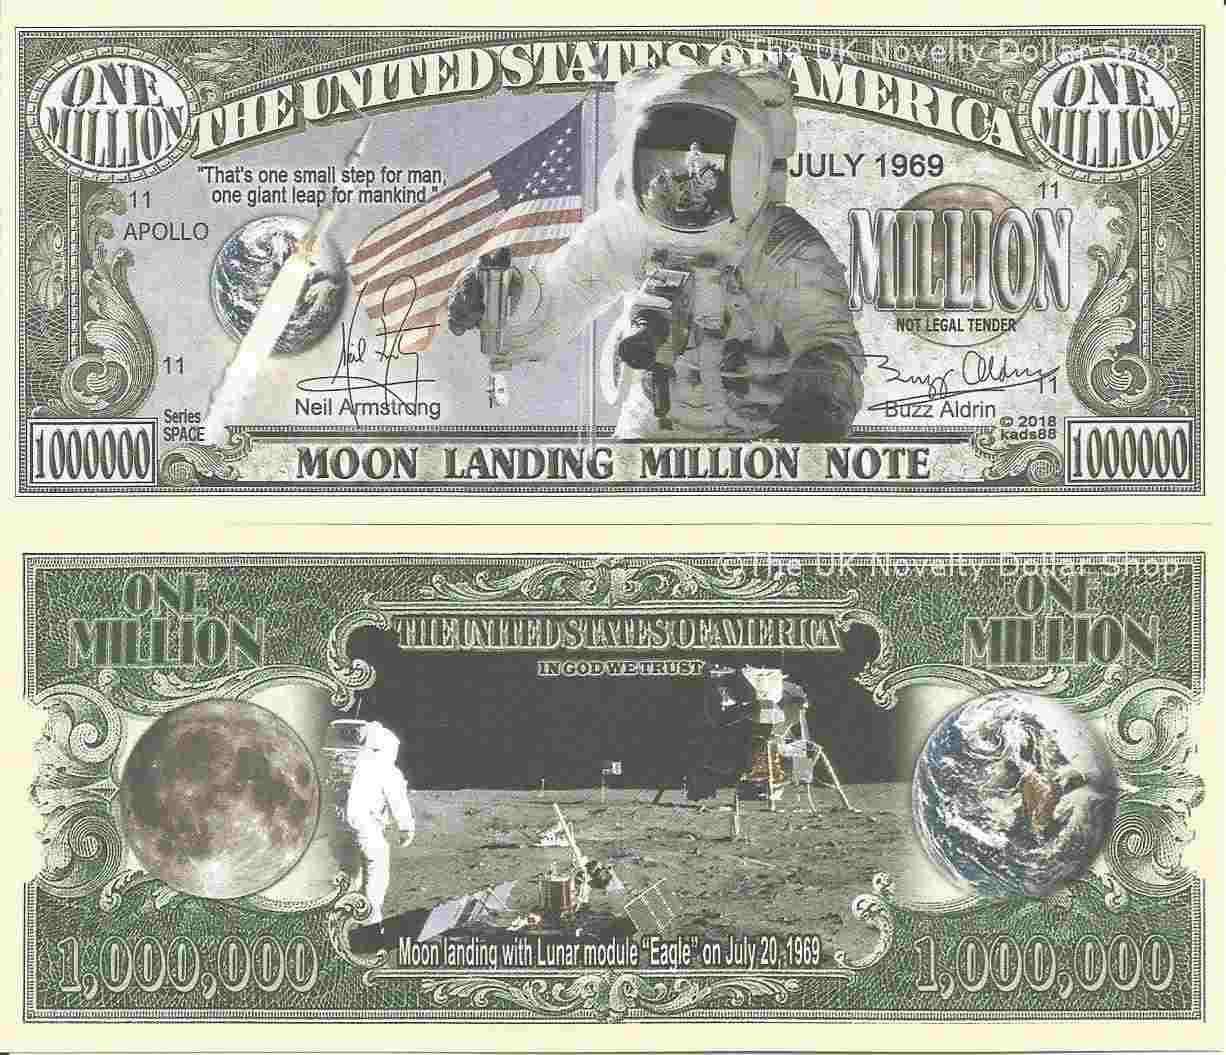 Neil Armstrong Commemorative Million Dollar Bill Lot of 2 BILLS Moon Landing